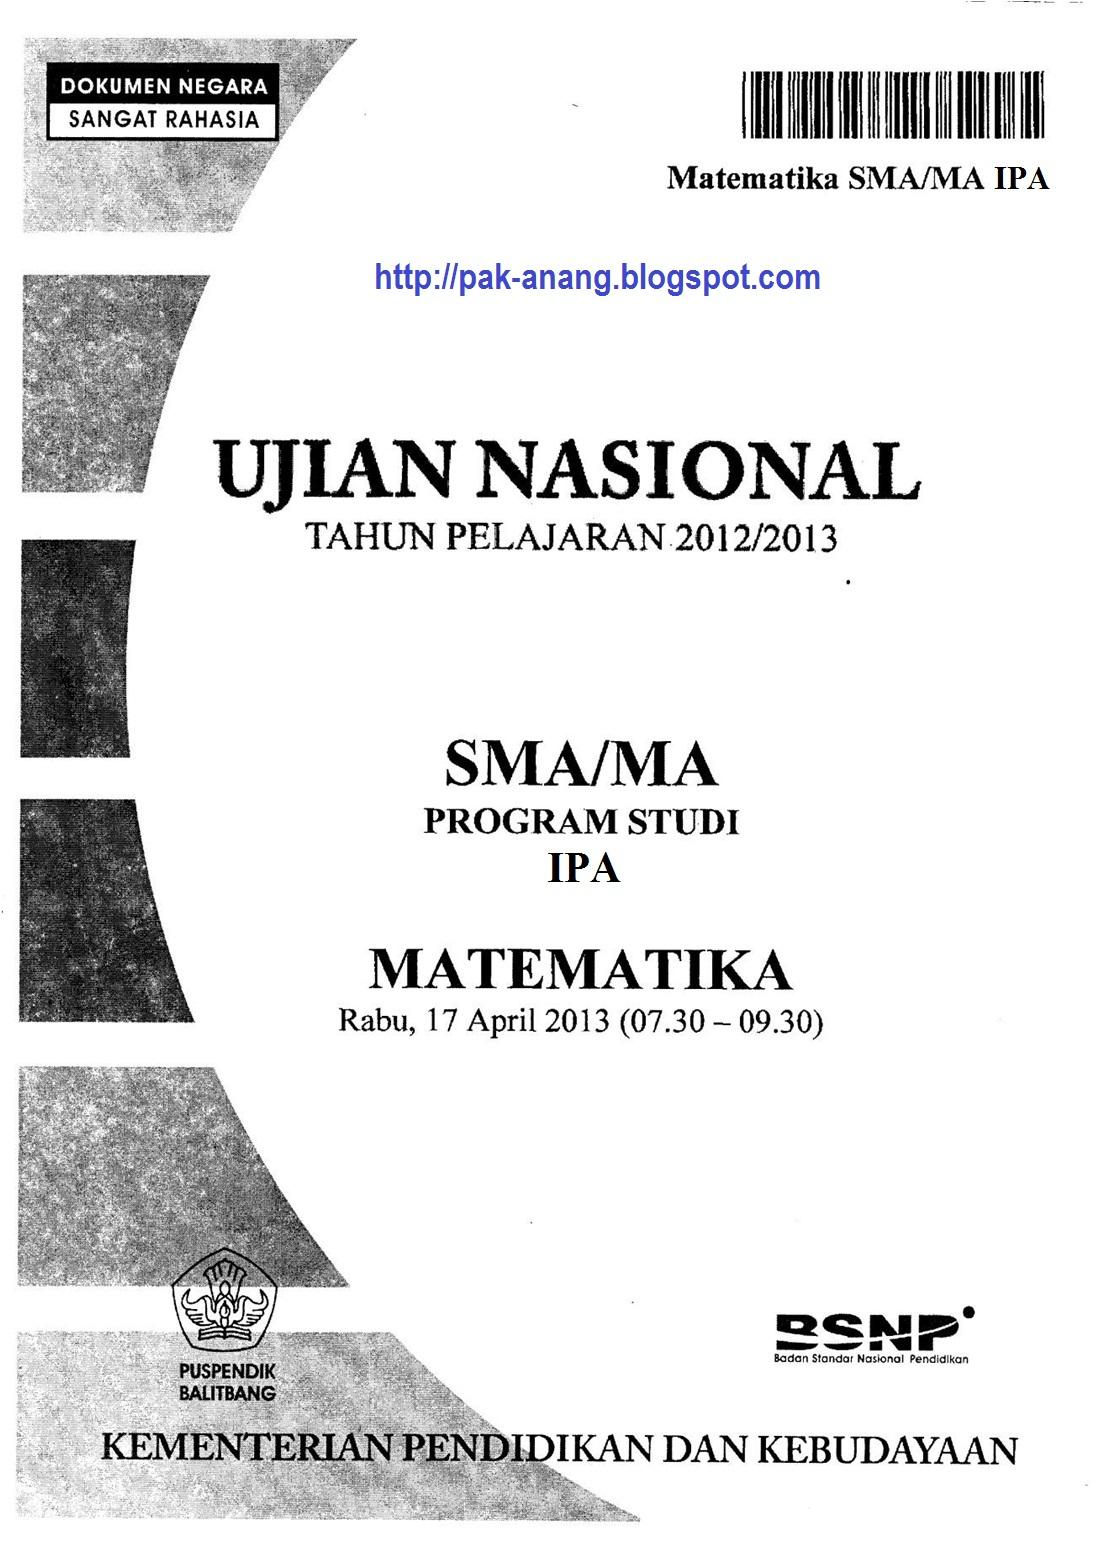 Bank soal un ipa smp - Naskah Soal Un Matematika Sma Ipa 2013 Paket 1